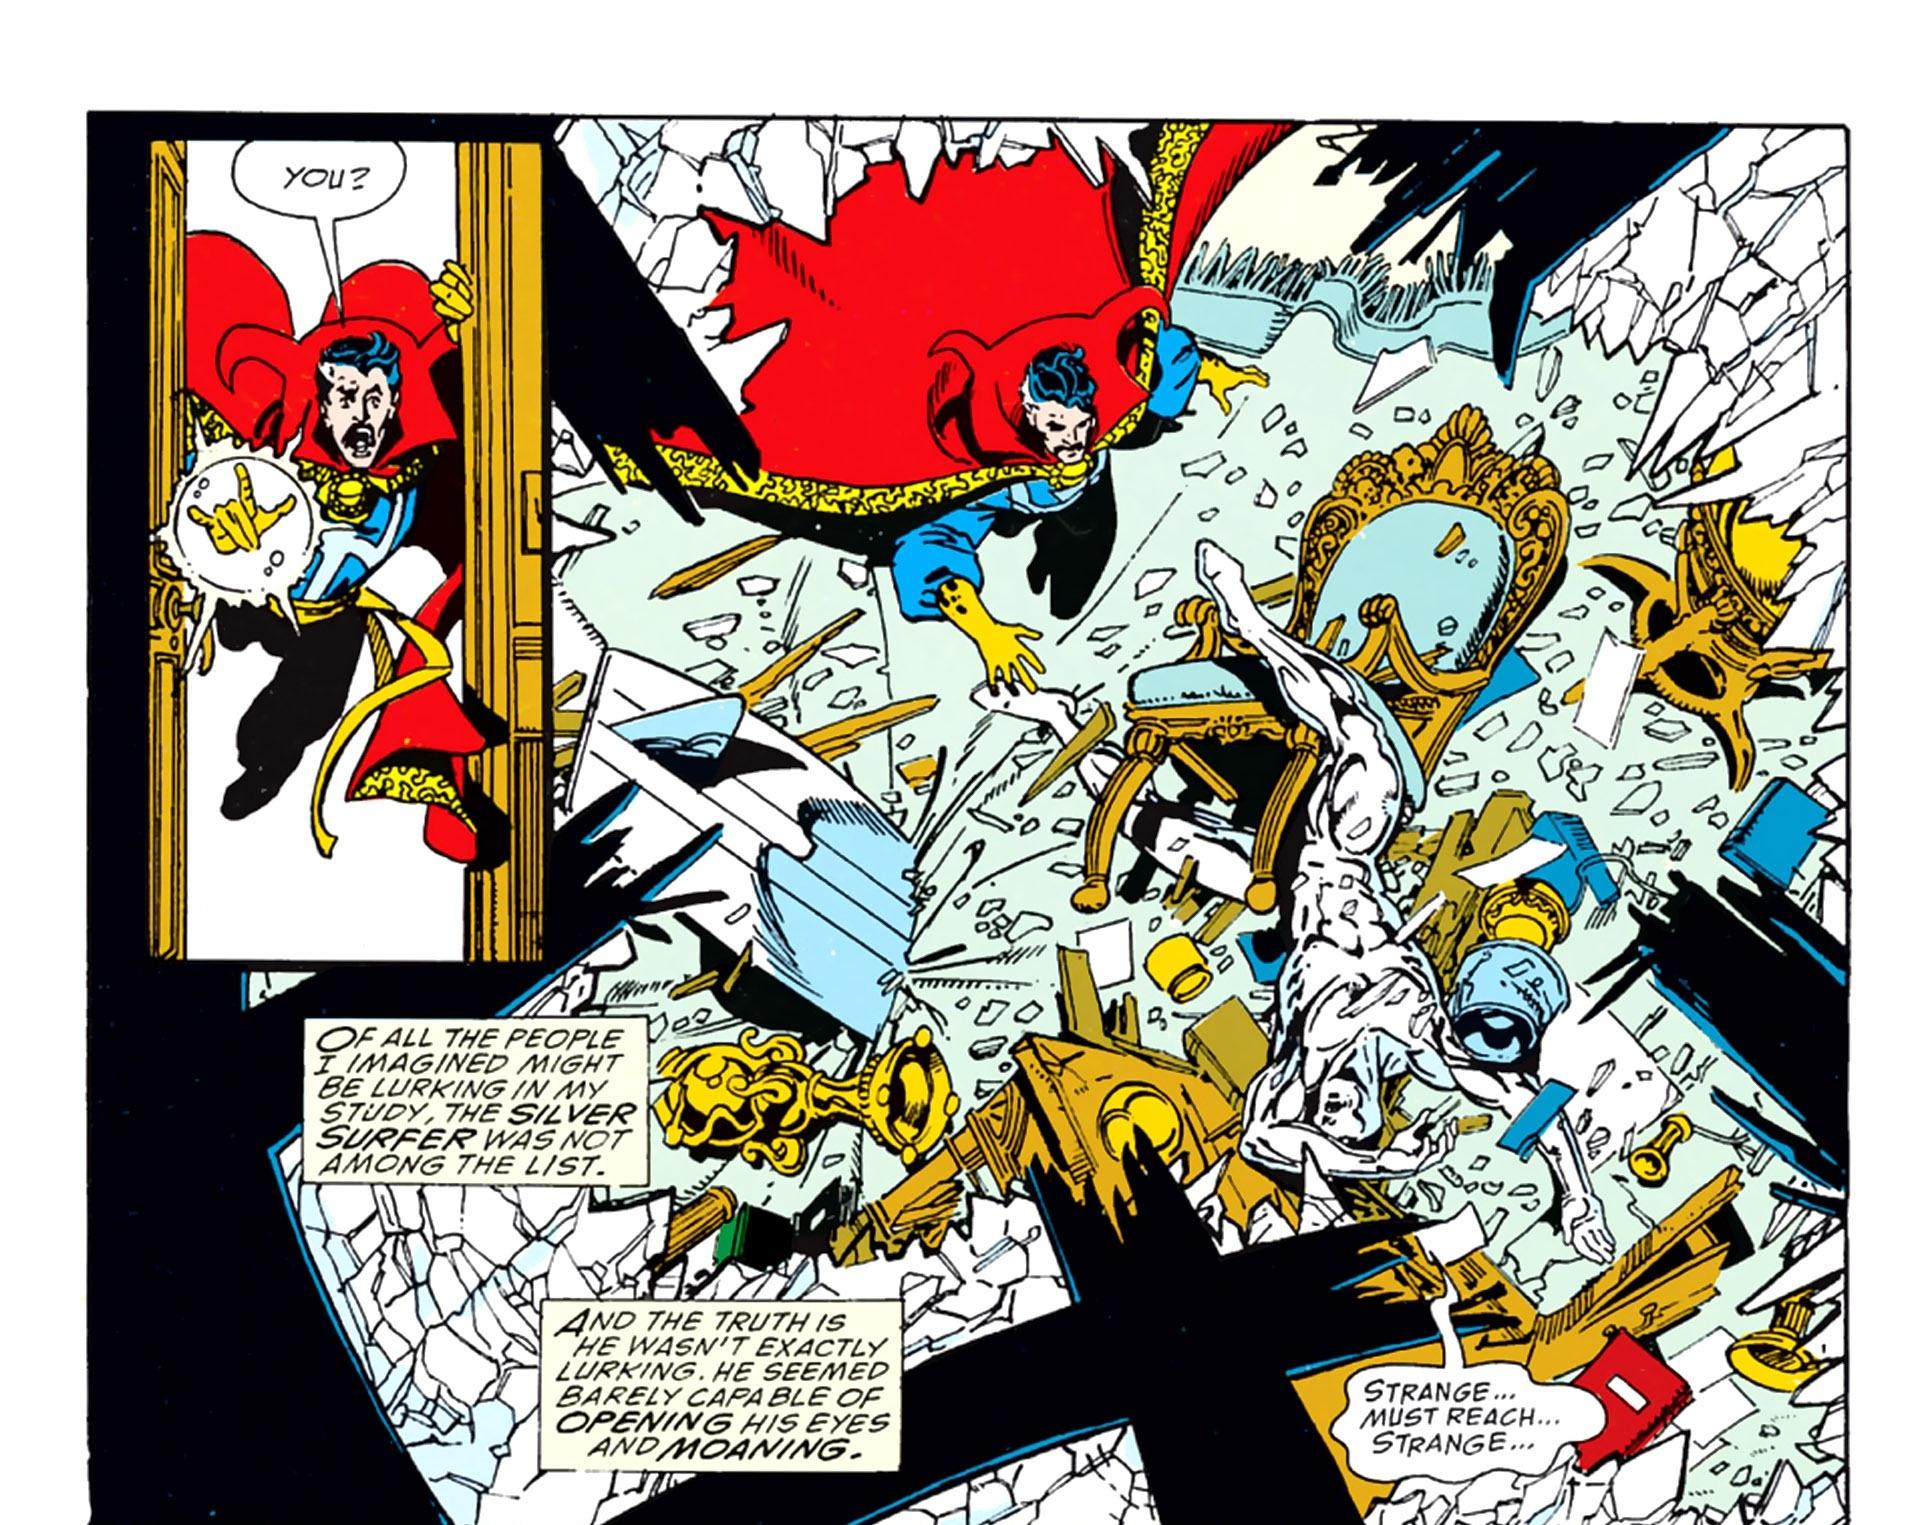 Silver Surfer Crashing into the Sanctum Sanctorum to warn Dr. Strange about Thanos